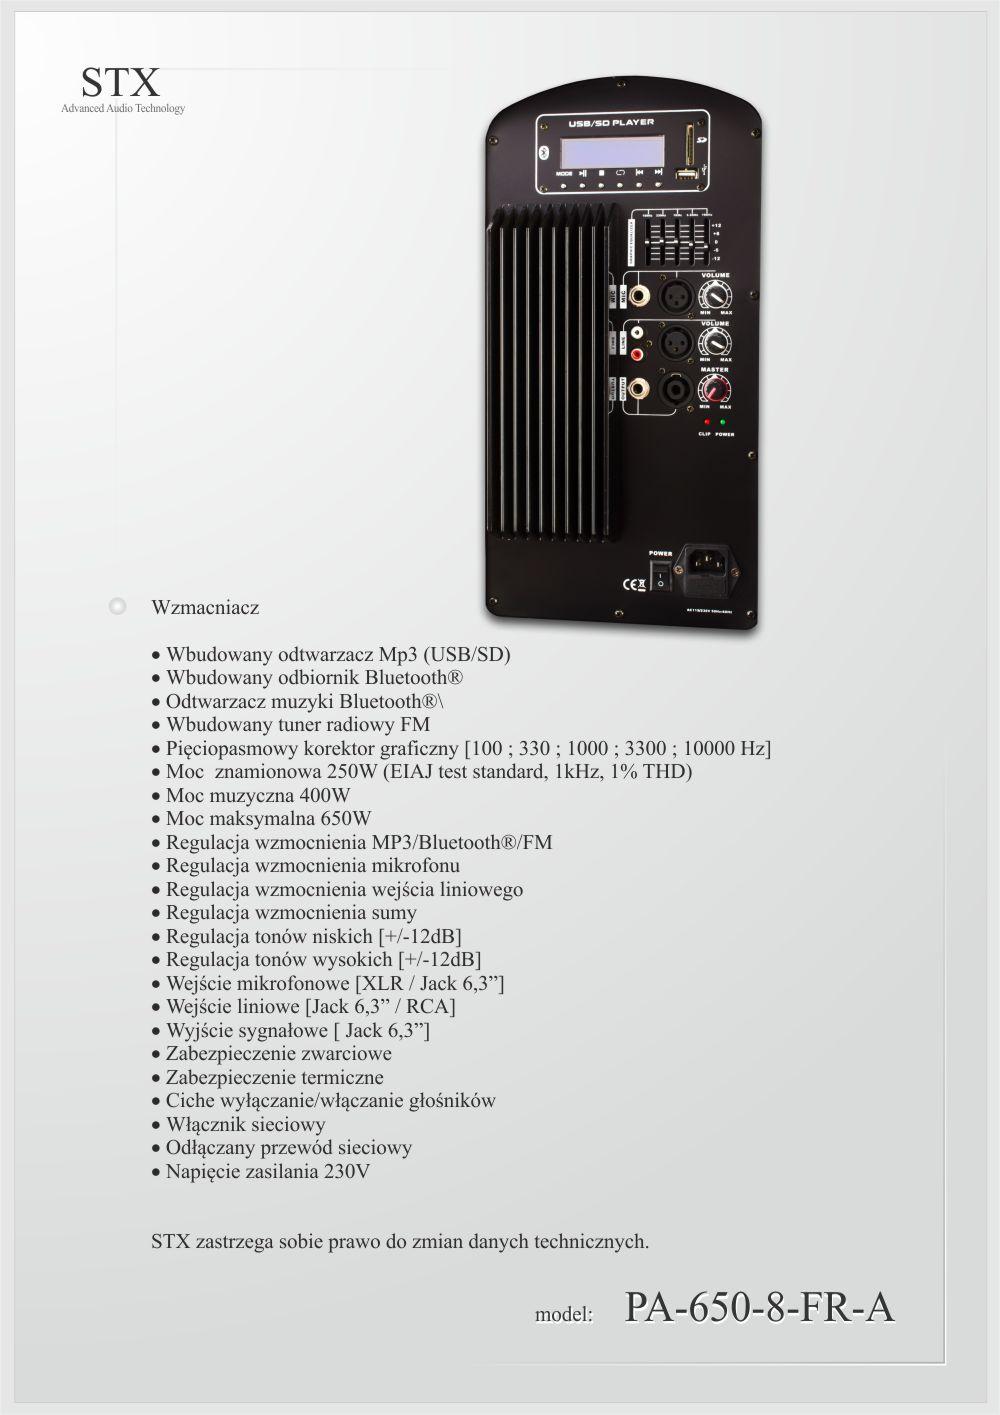 STX PA-650-8-FR-A